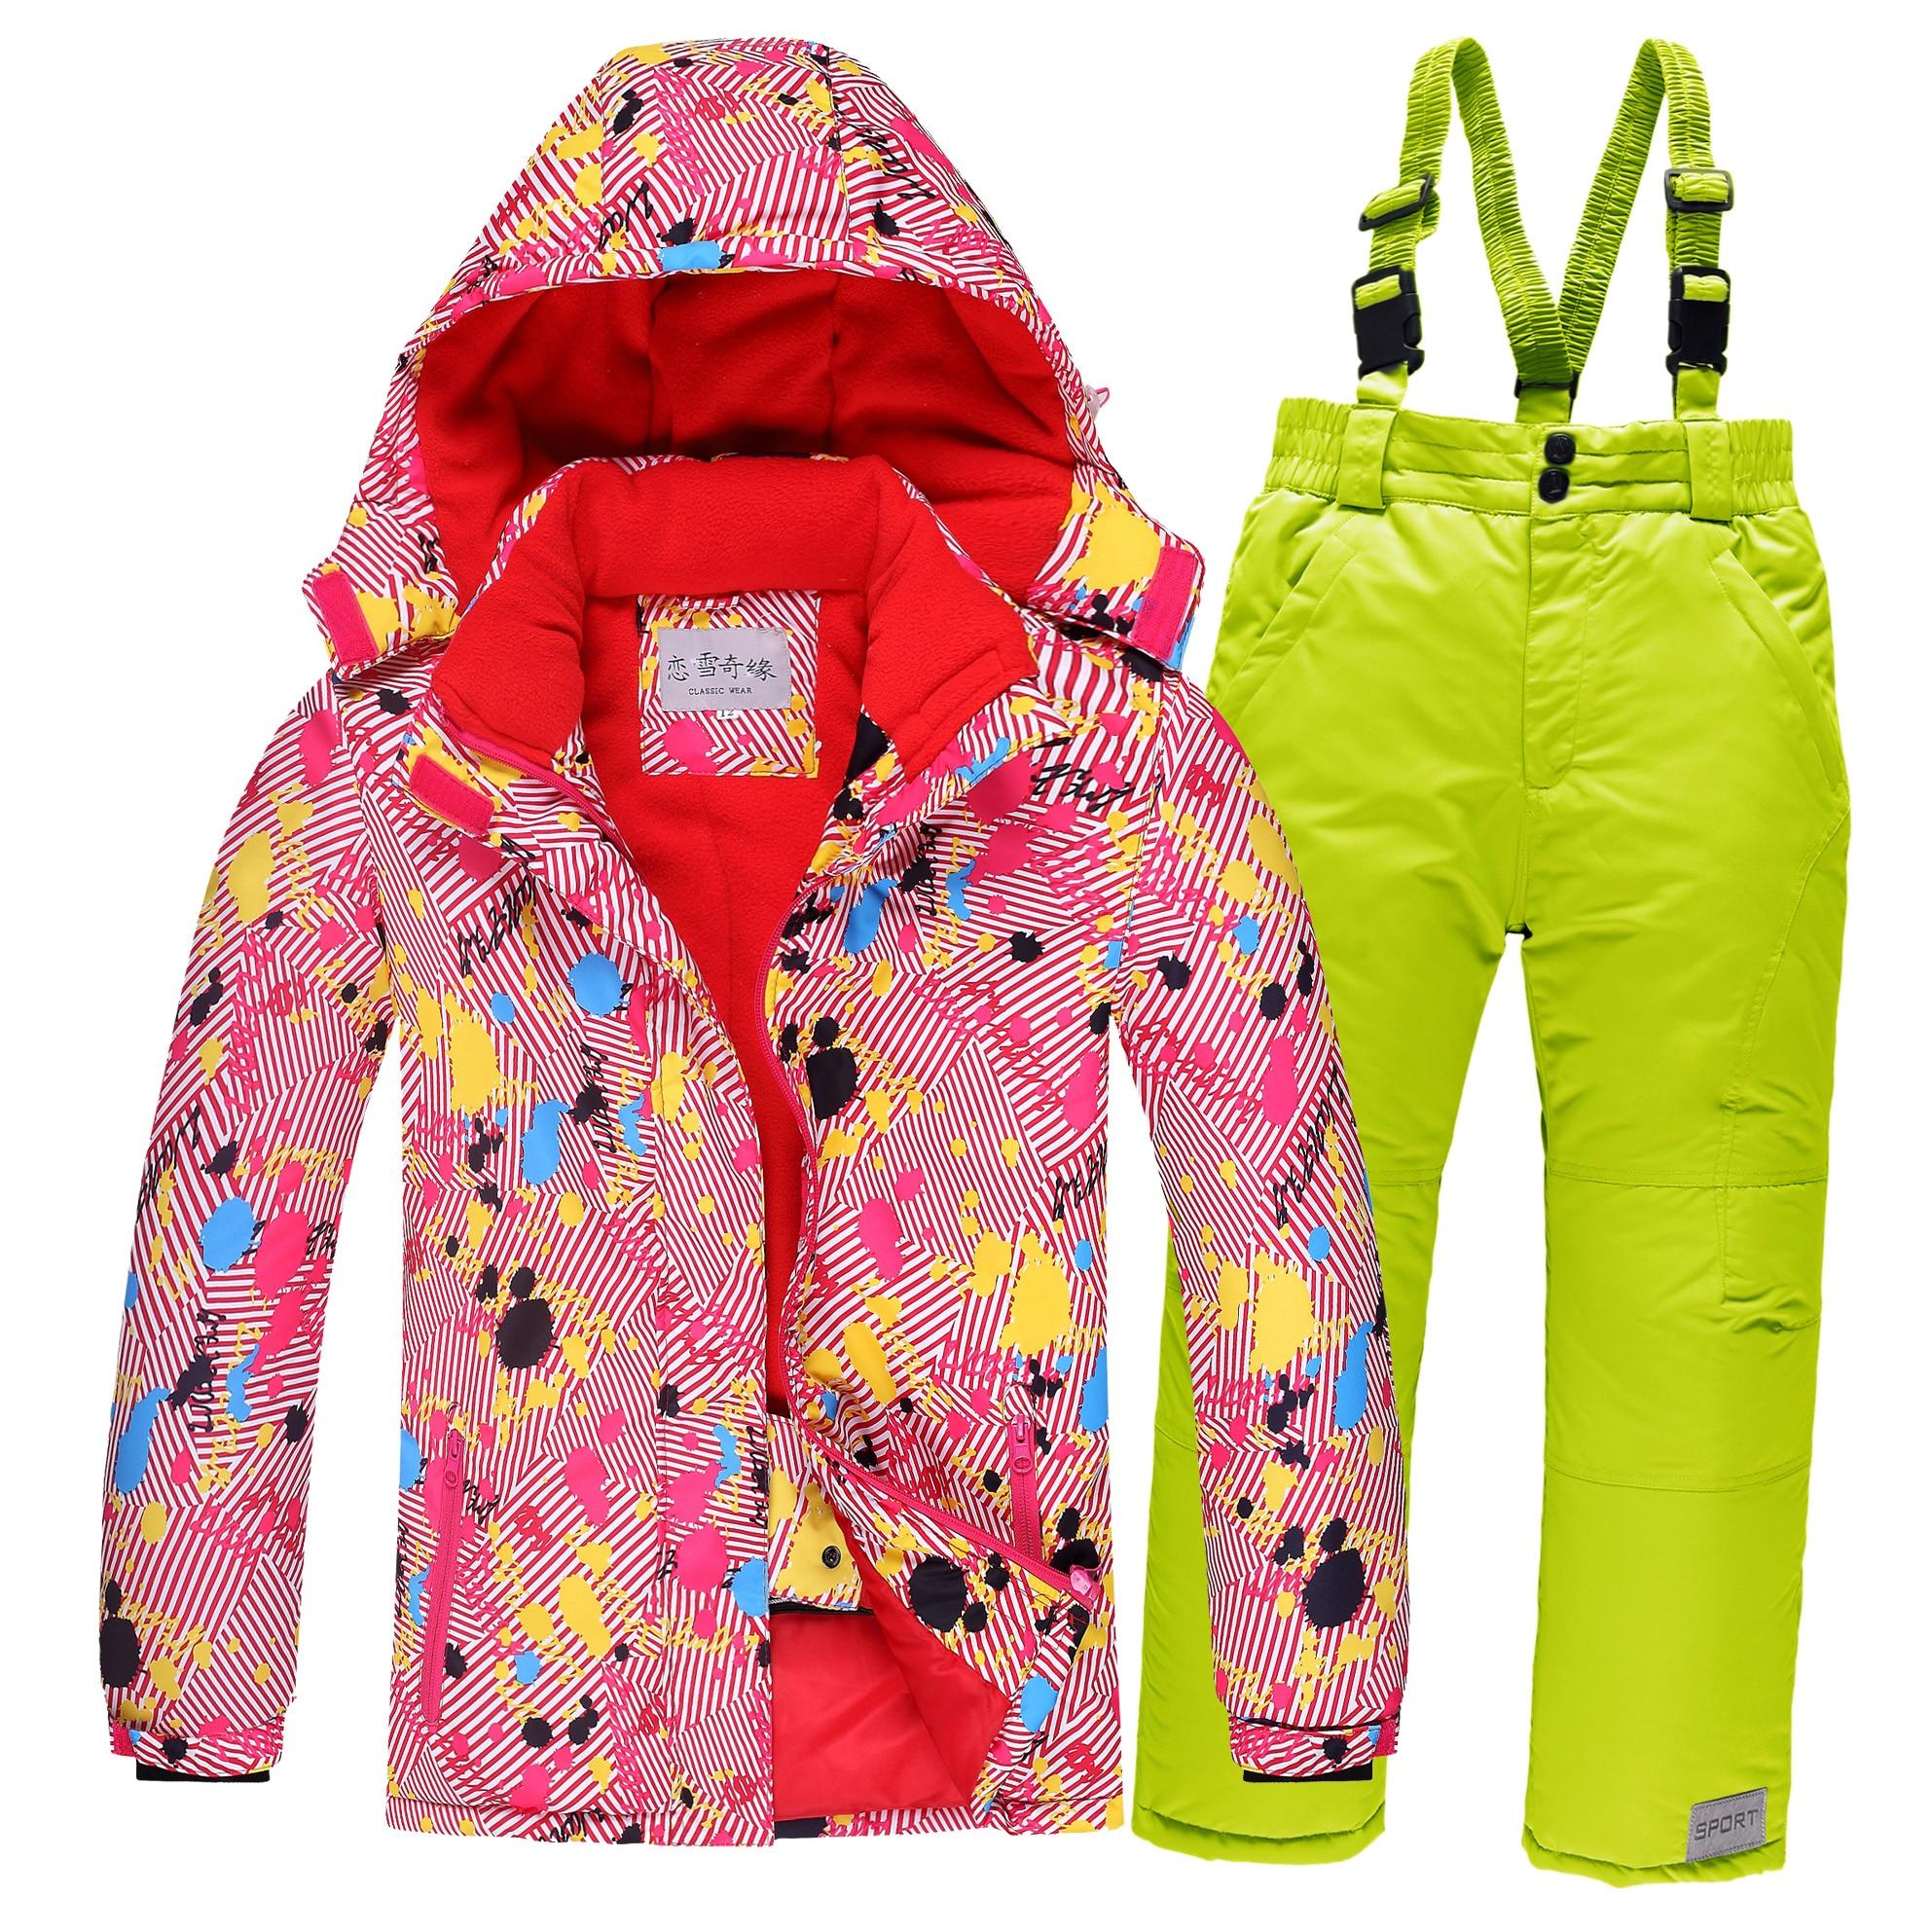 Costume de Ski pour enfants épaissi enfants imperméable Super chaud hiver costumes garçons et filles vêtements de plein air Set-30 degrés